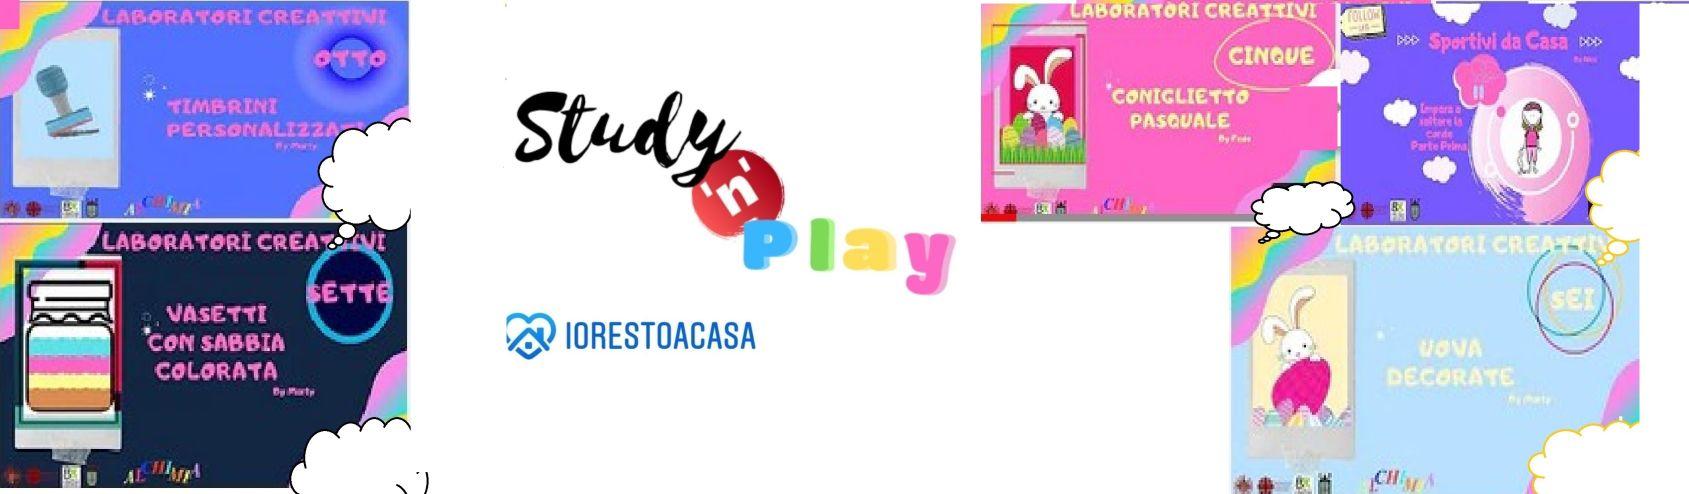 Studyn001play